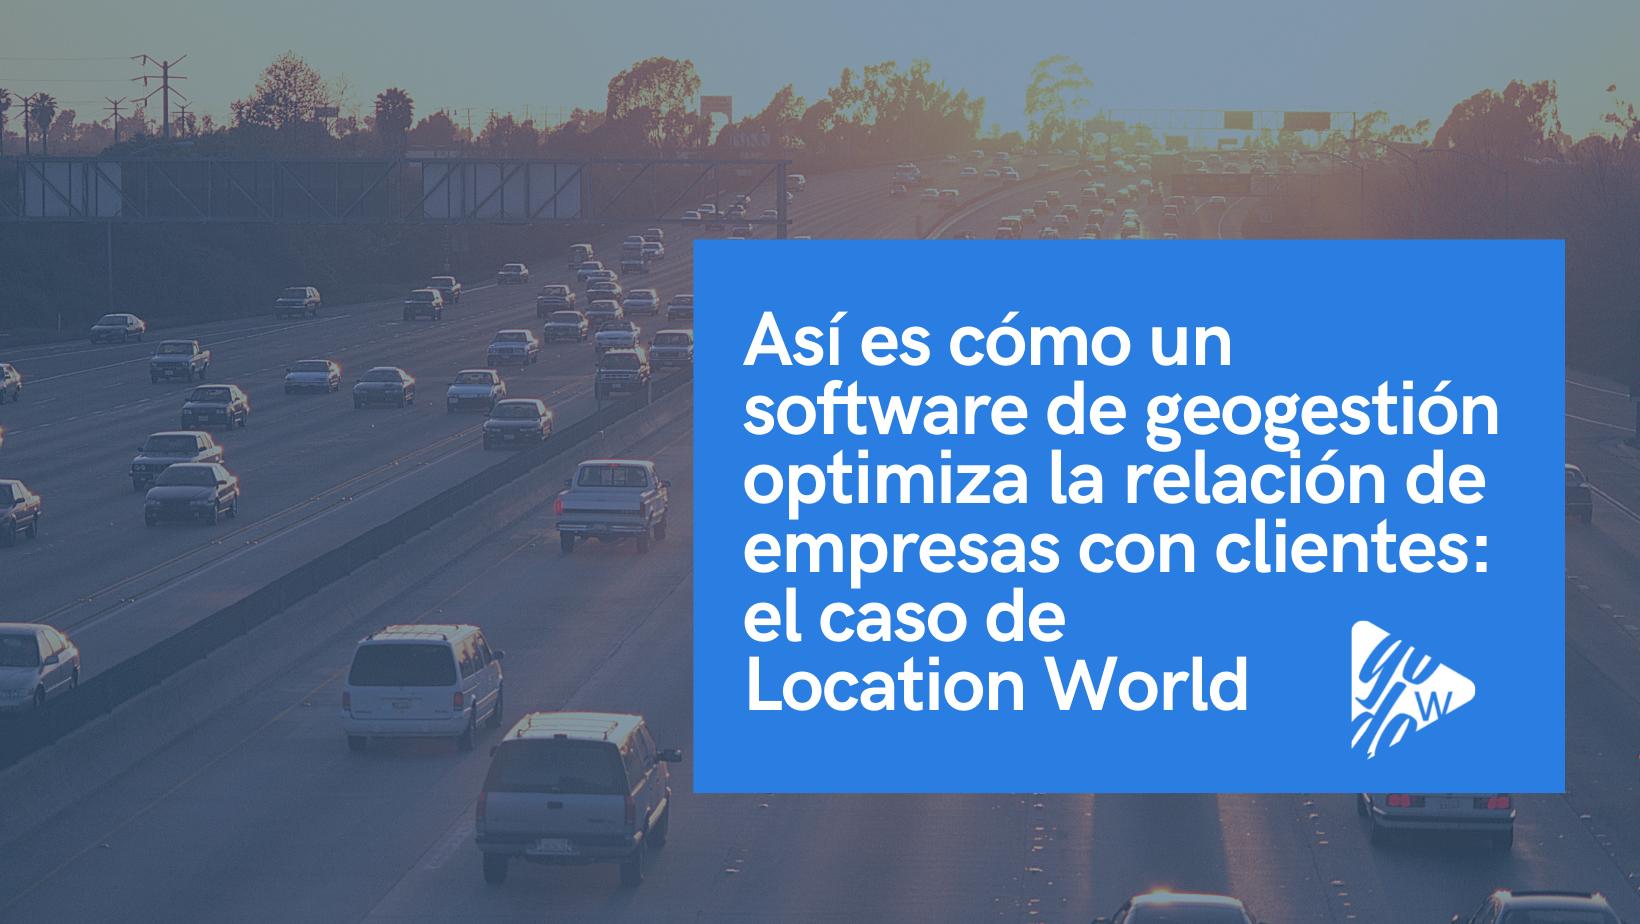 Así es cómo un software de geogestión optimiza la relación de empresas con clientes: el caso de Location World